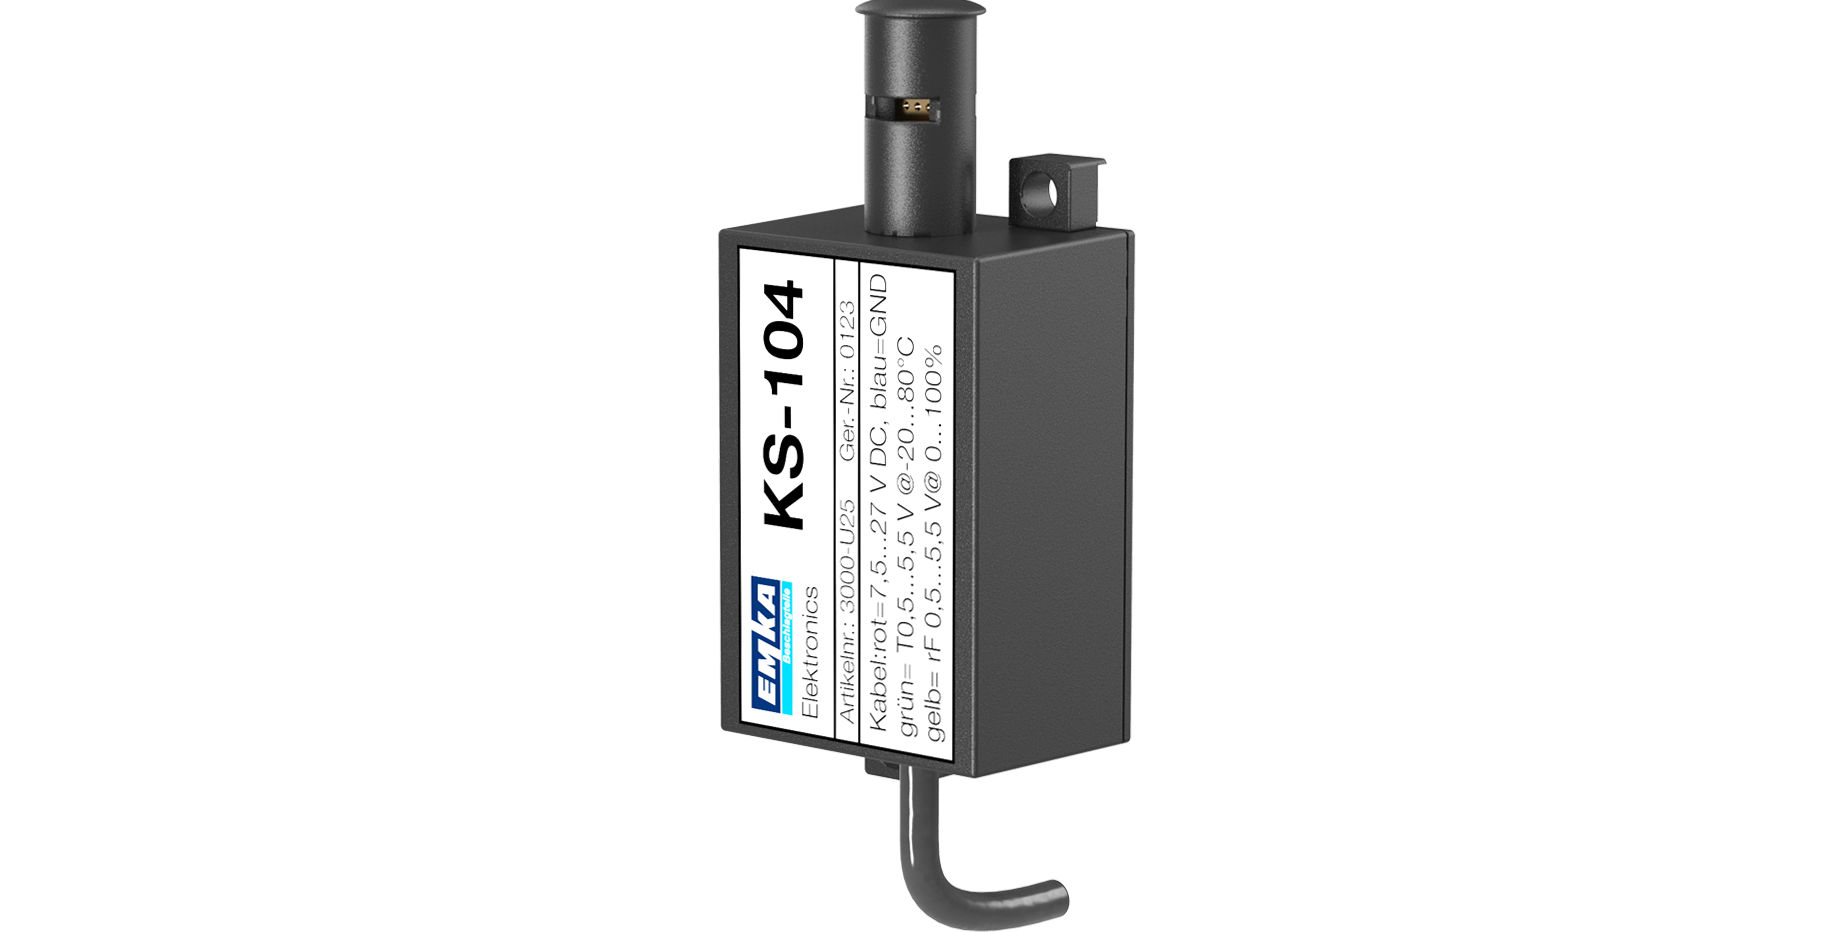 EMKA Climate Sensor